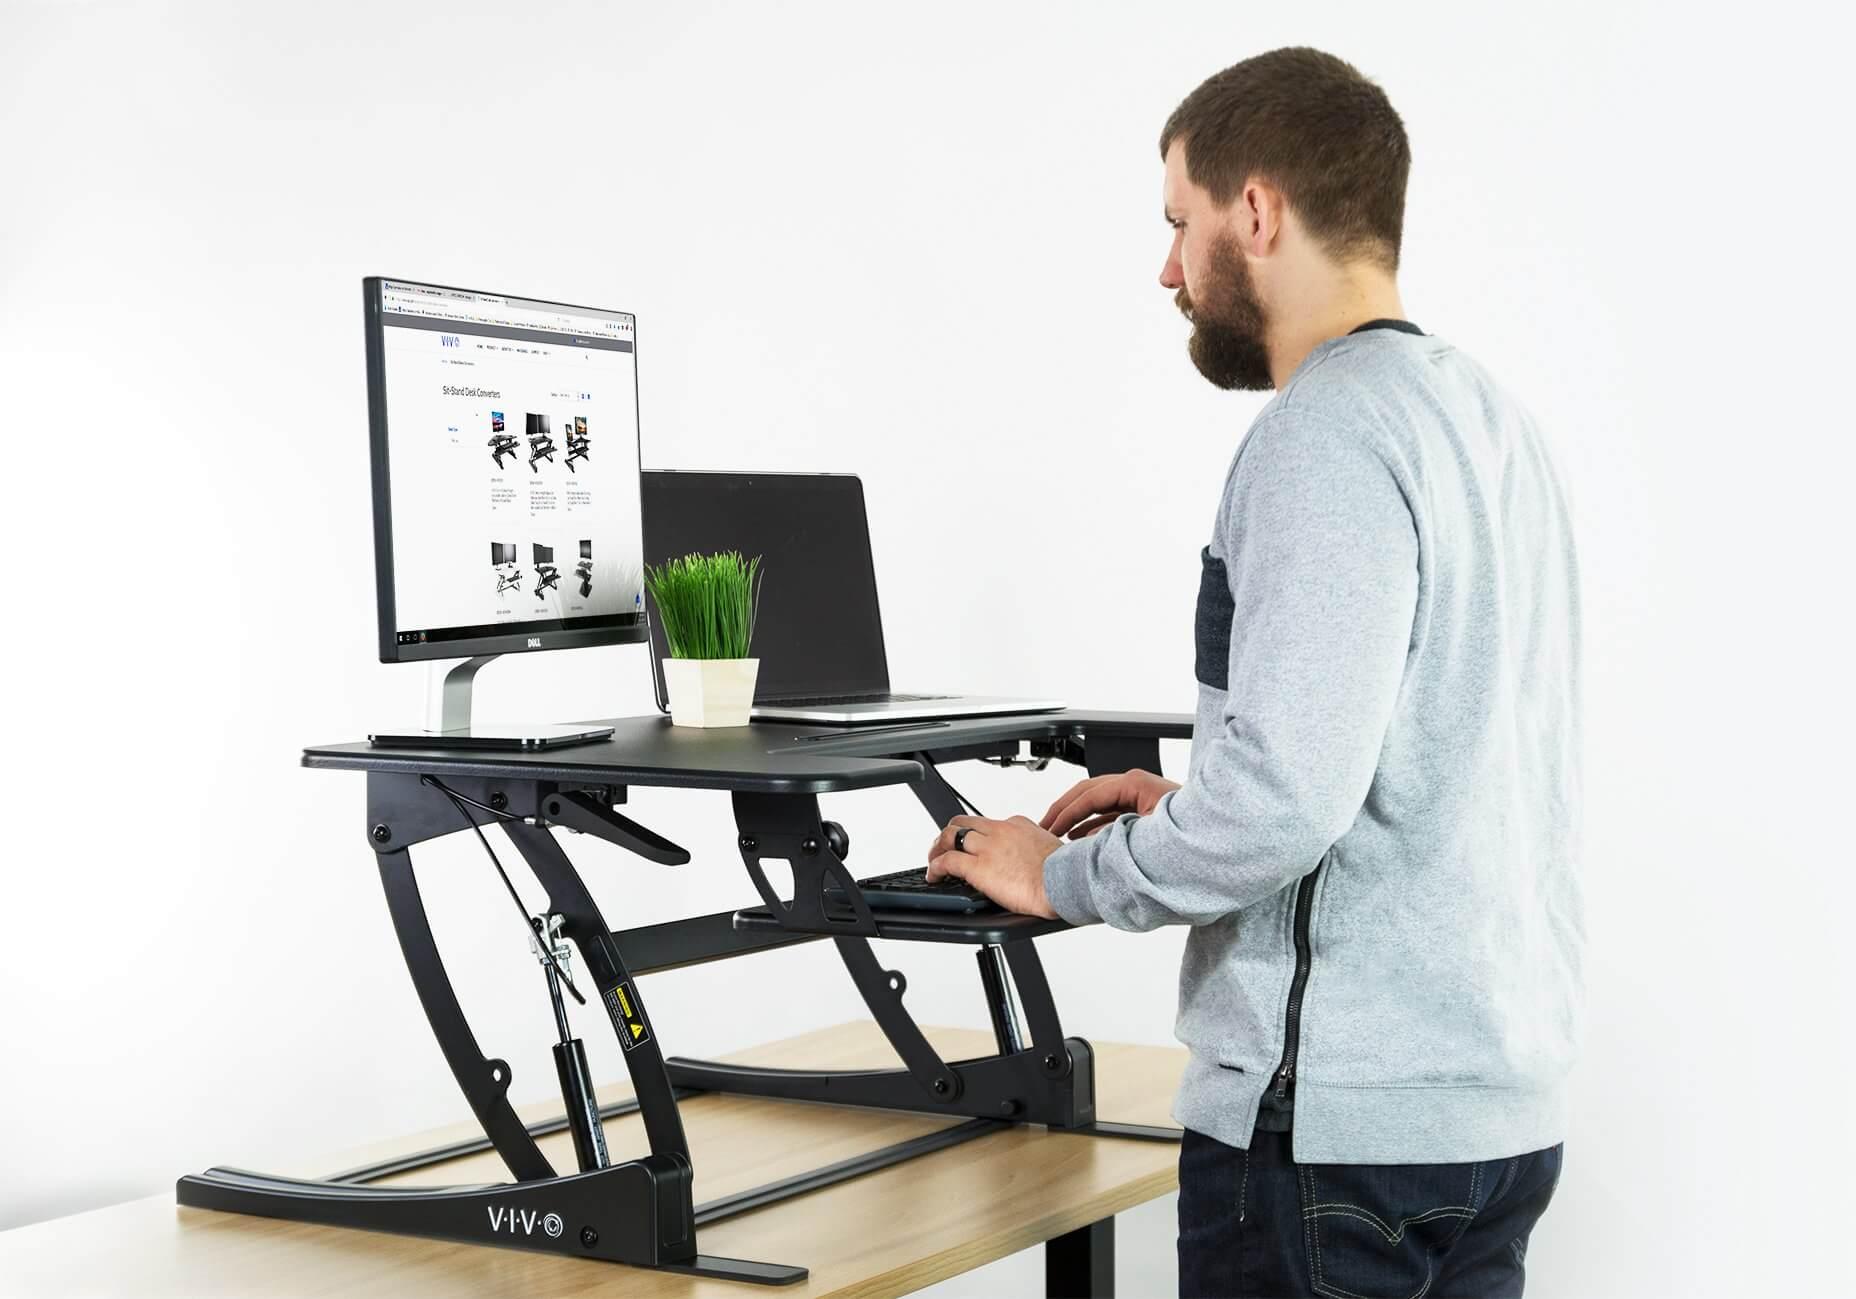 VIVO standing desk converter